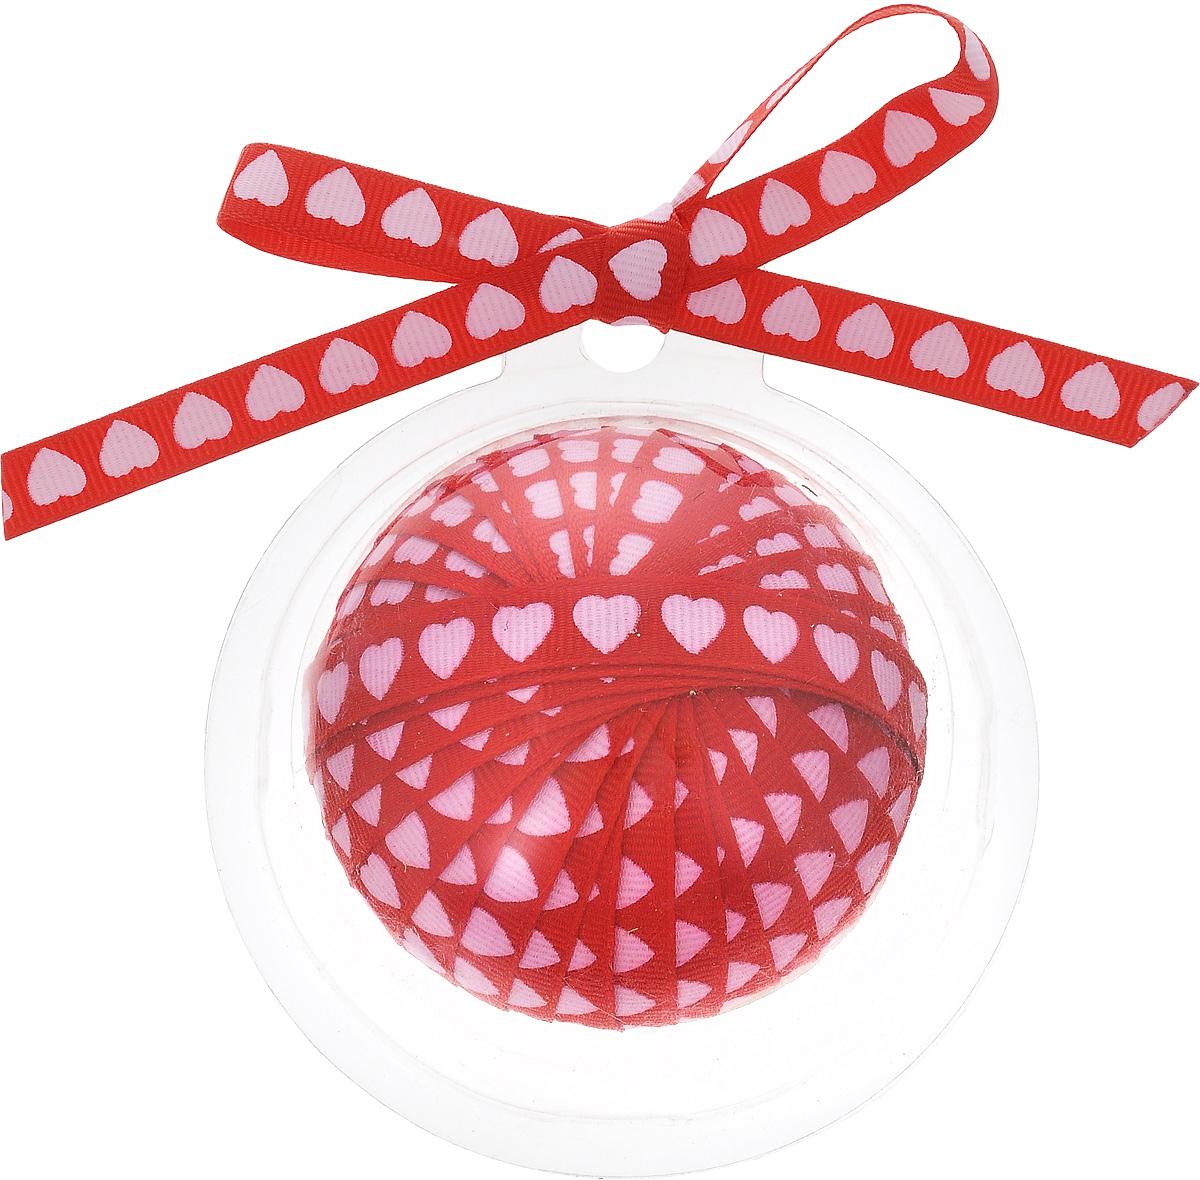 Лента новогодняя Winter Wings, цвет: красный, светло-розовый, 1 см х 3 мPW1071_красный, светло-розовыйДекоративная лента Winter Wings выполнена из полиэстера. Она предназначена для оформления подарочных коробок, пакетов. Кроме того, декоративная лента с успехом применяется для художественного оформления витрин, праздничного оформления помещений, изготовления искусственных цветов. Декоративная лента украсит интерьер вашего дома к праздникам.Ширина ленты: 1 см.